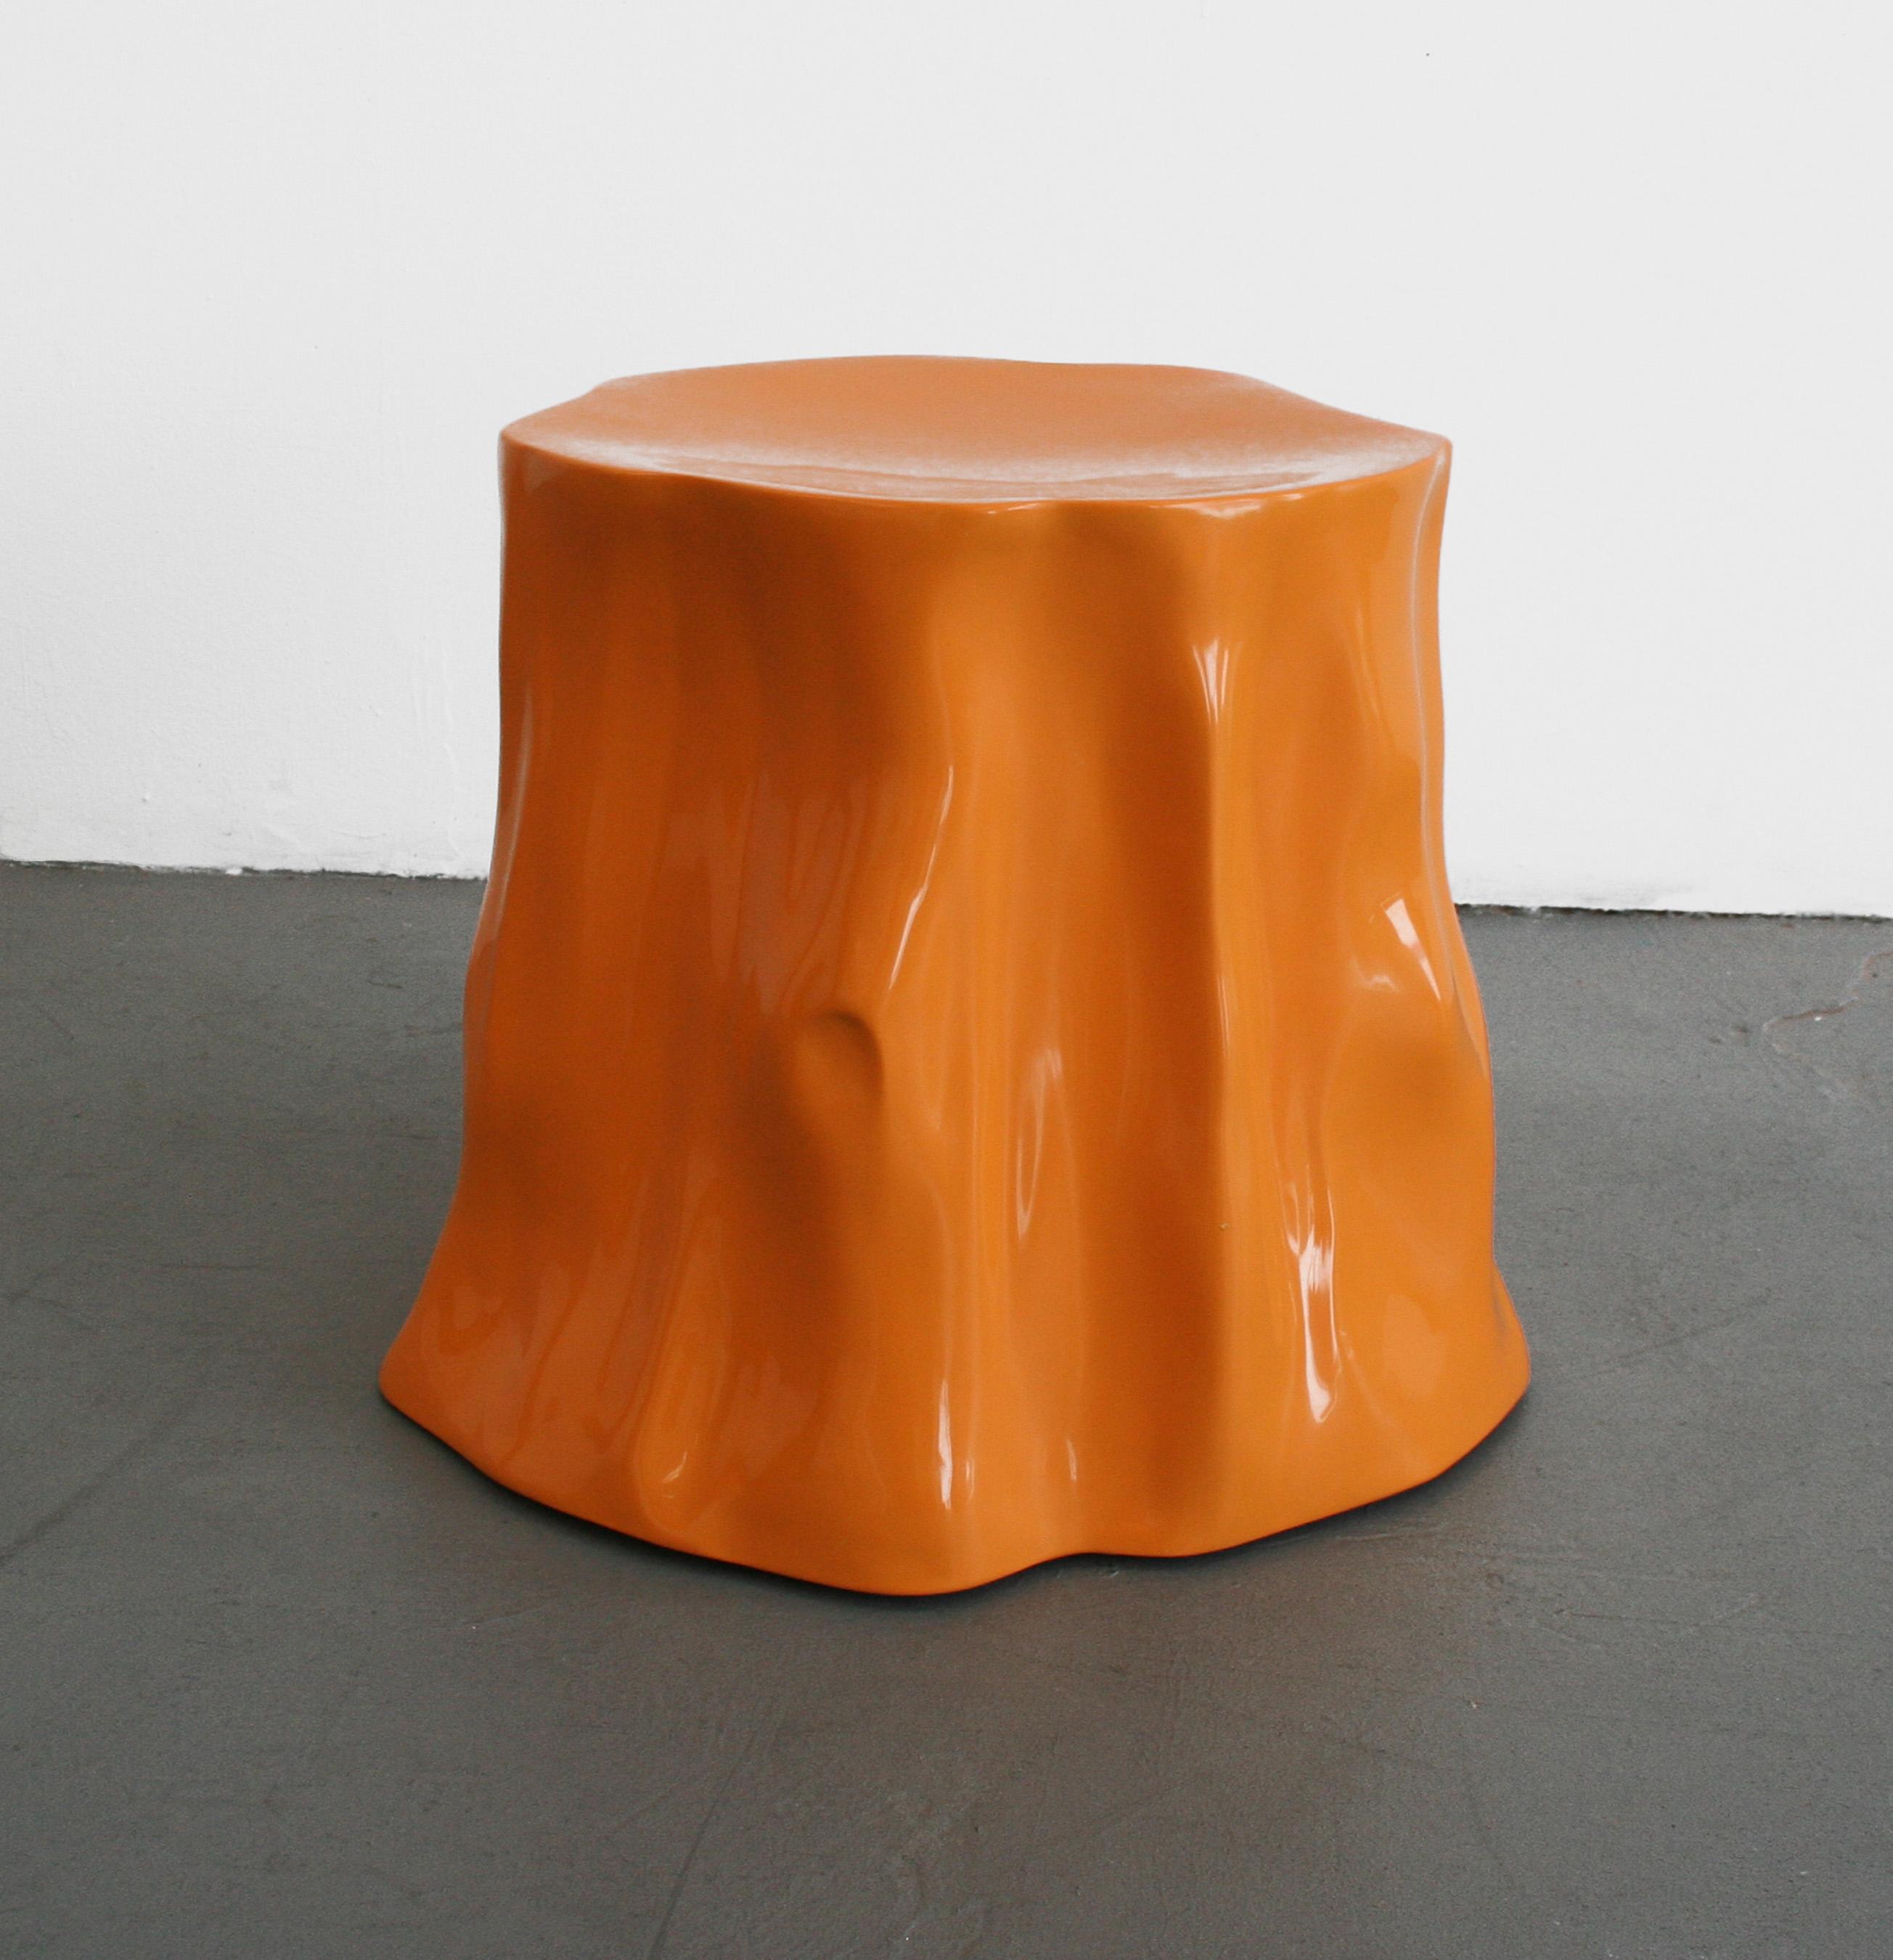 Brian hubble ghost bottom fibre de verre et enduit gelifie dimensions variables courtesy l artiste et less is more projects original